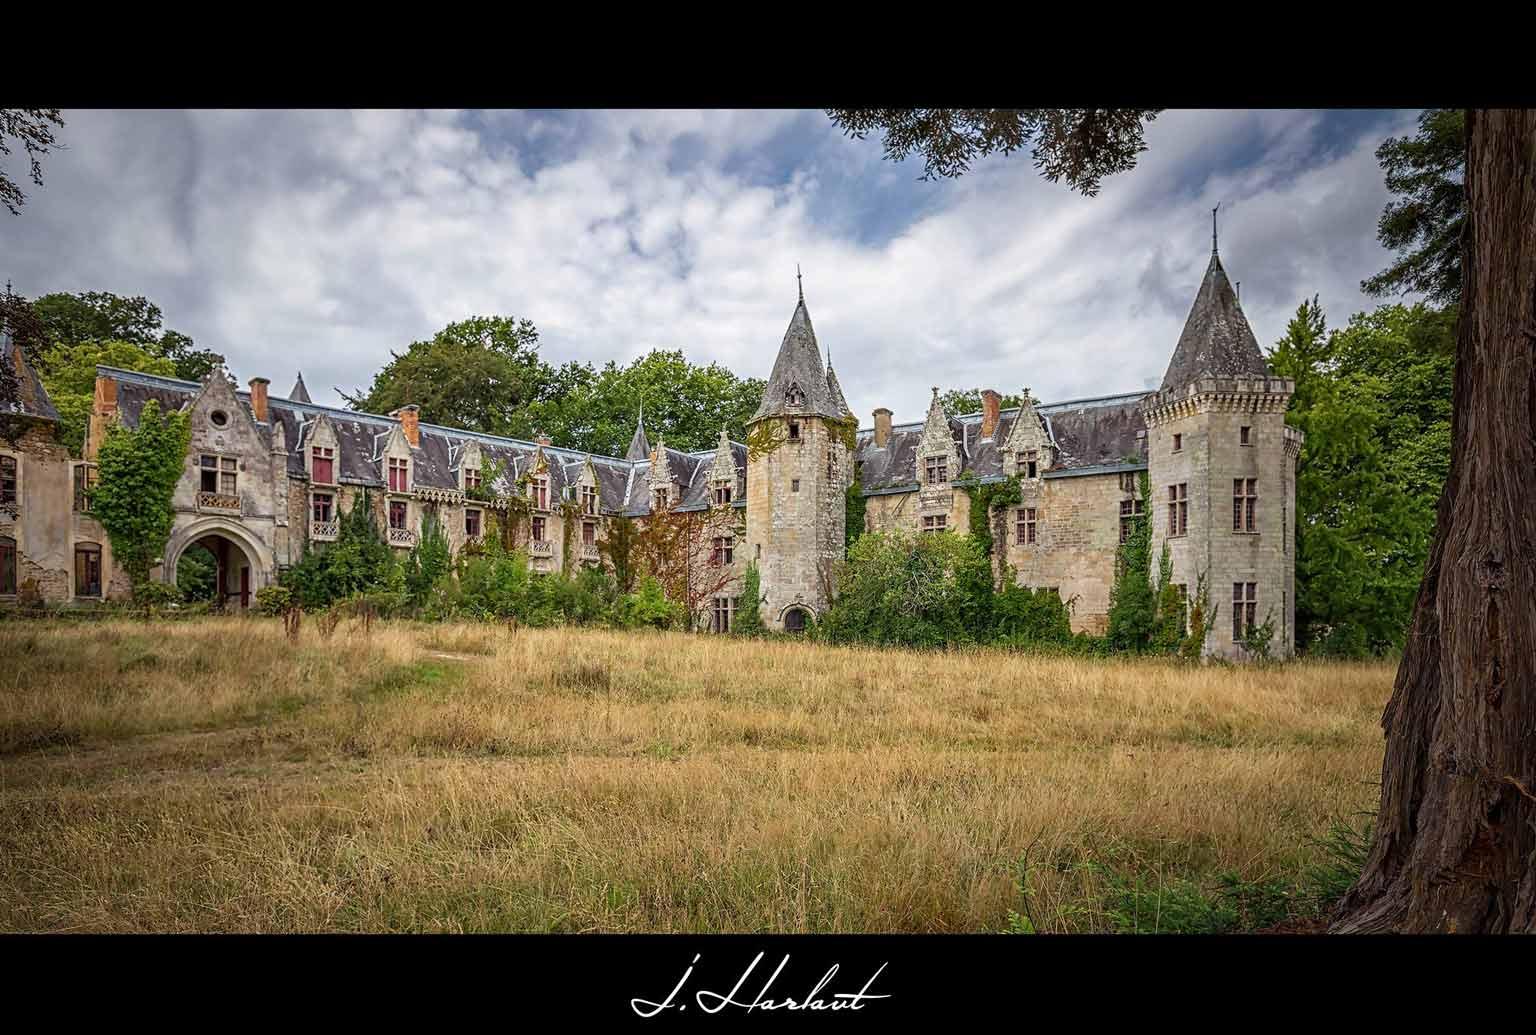 Julien-Harlaut---Facade_0022